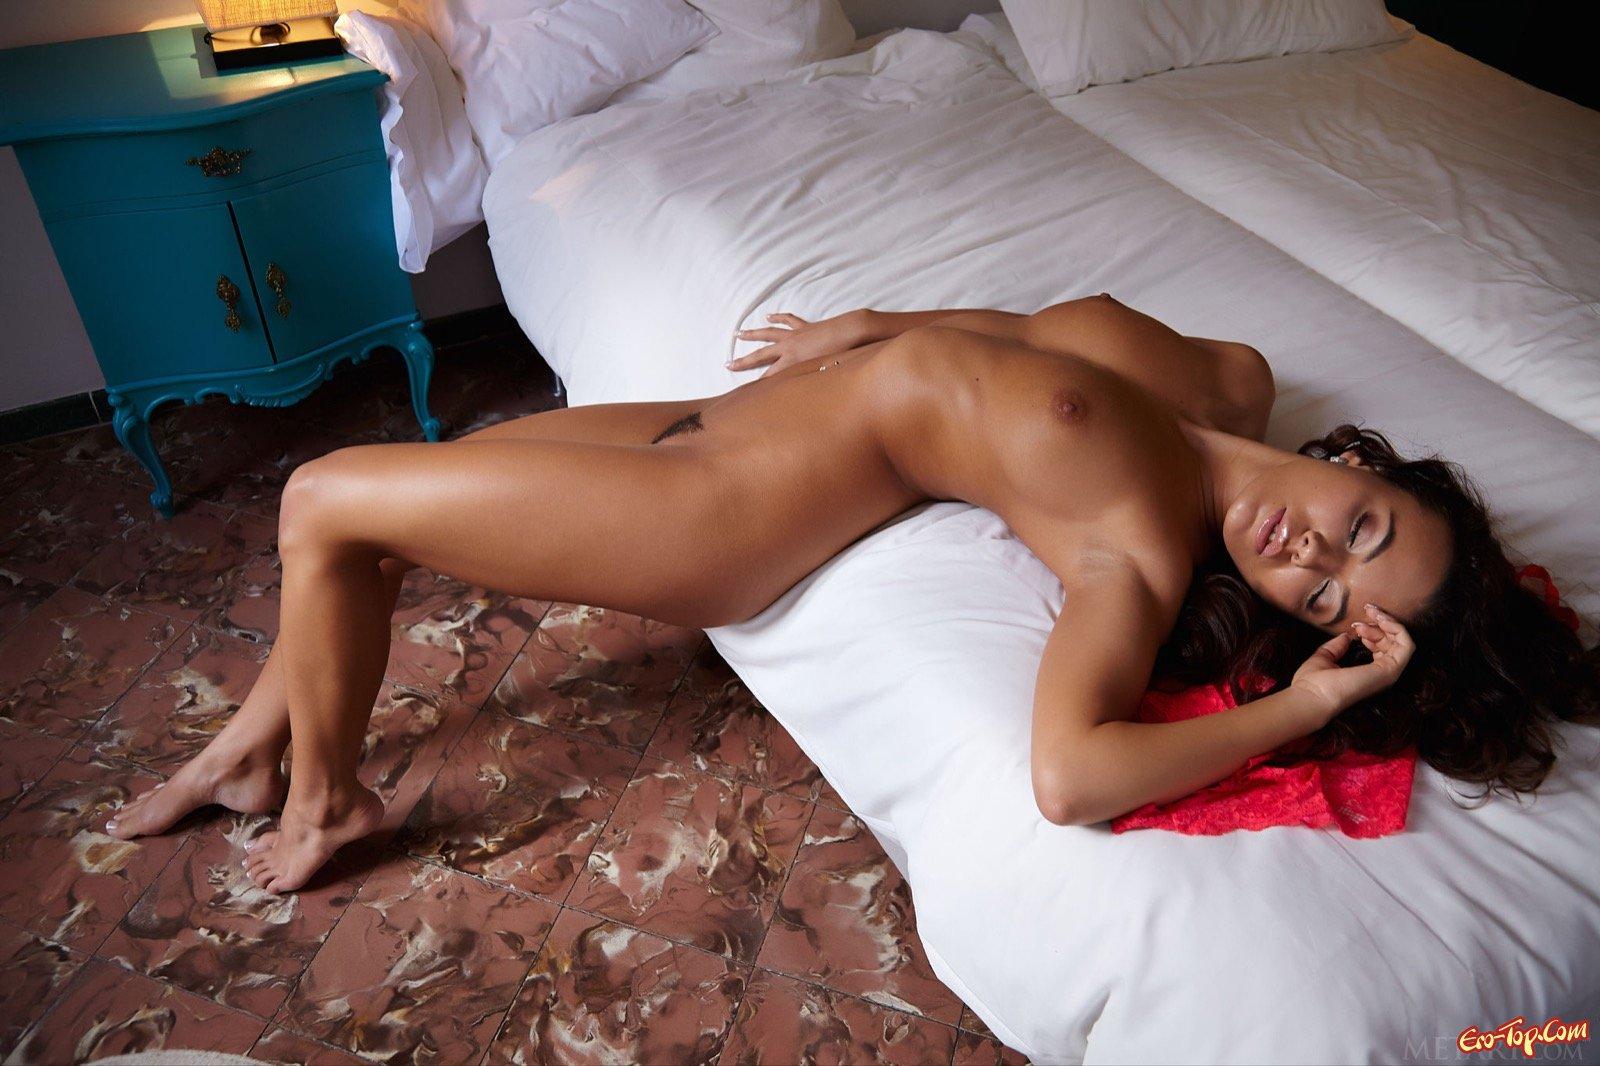 Загорелая девица крутит попой в постели